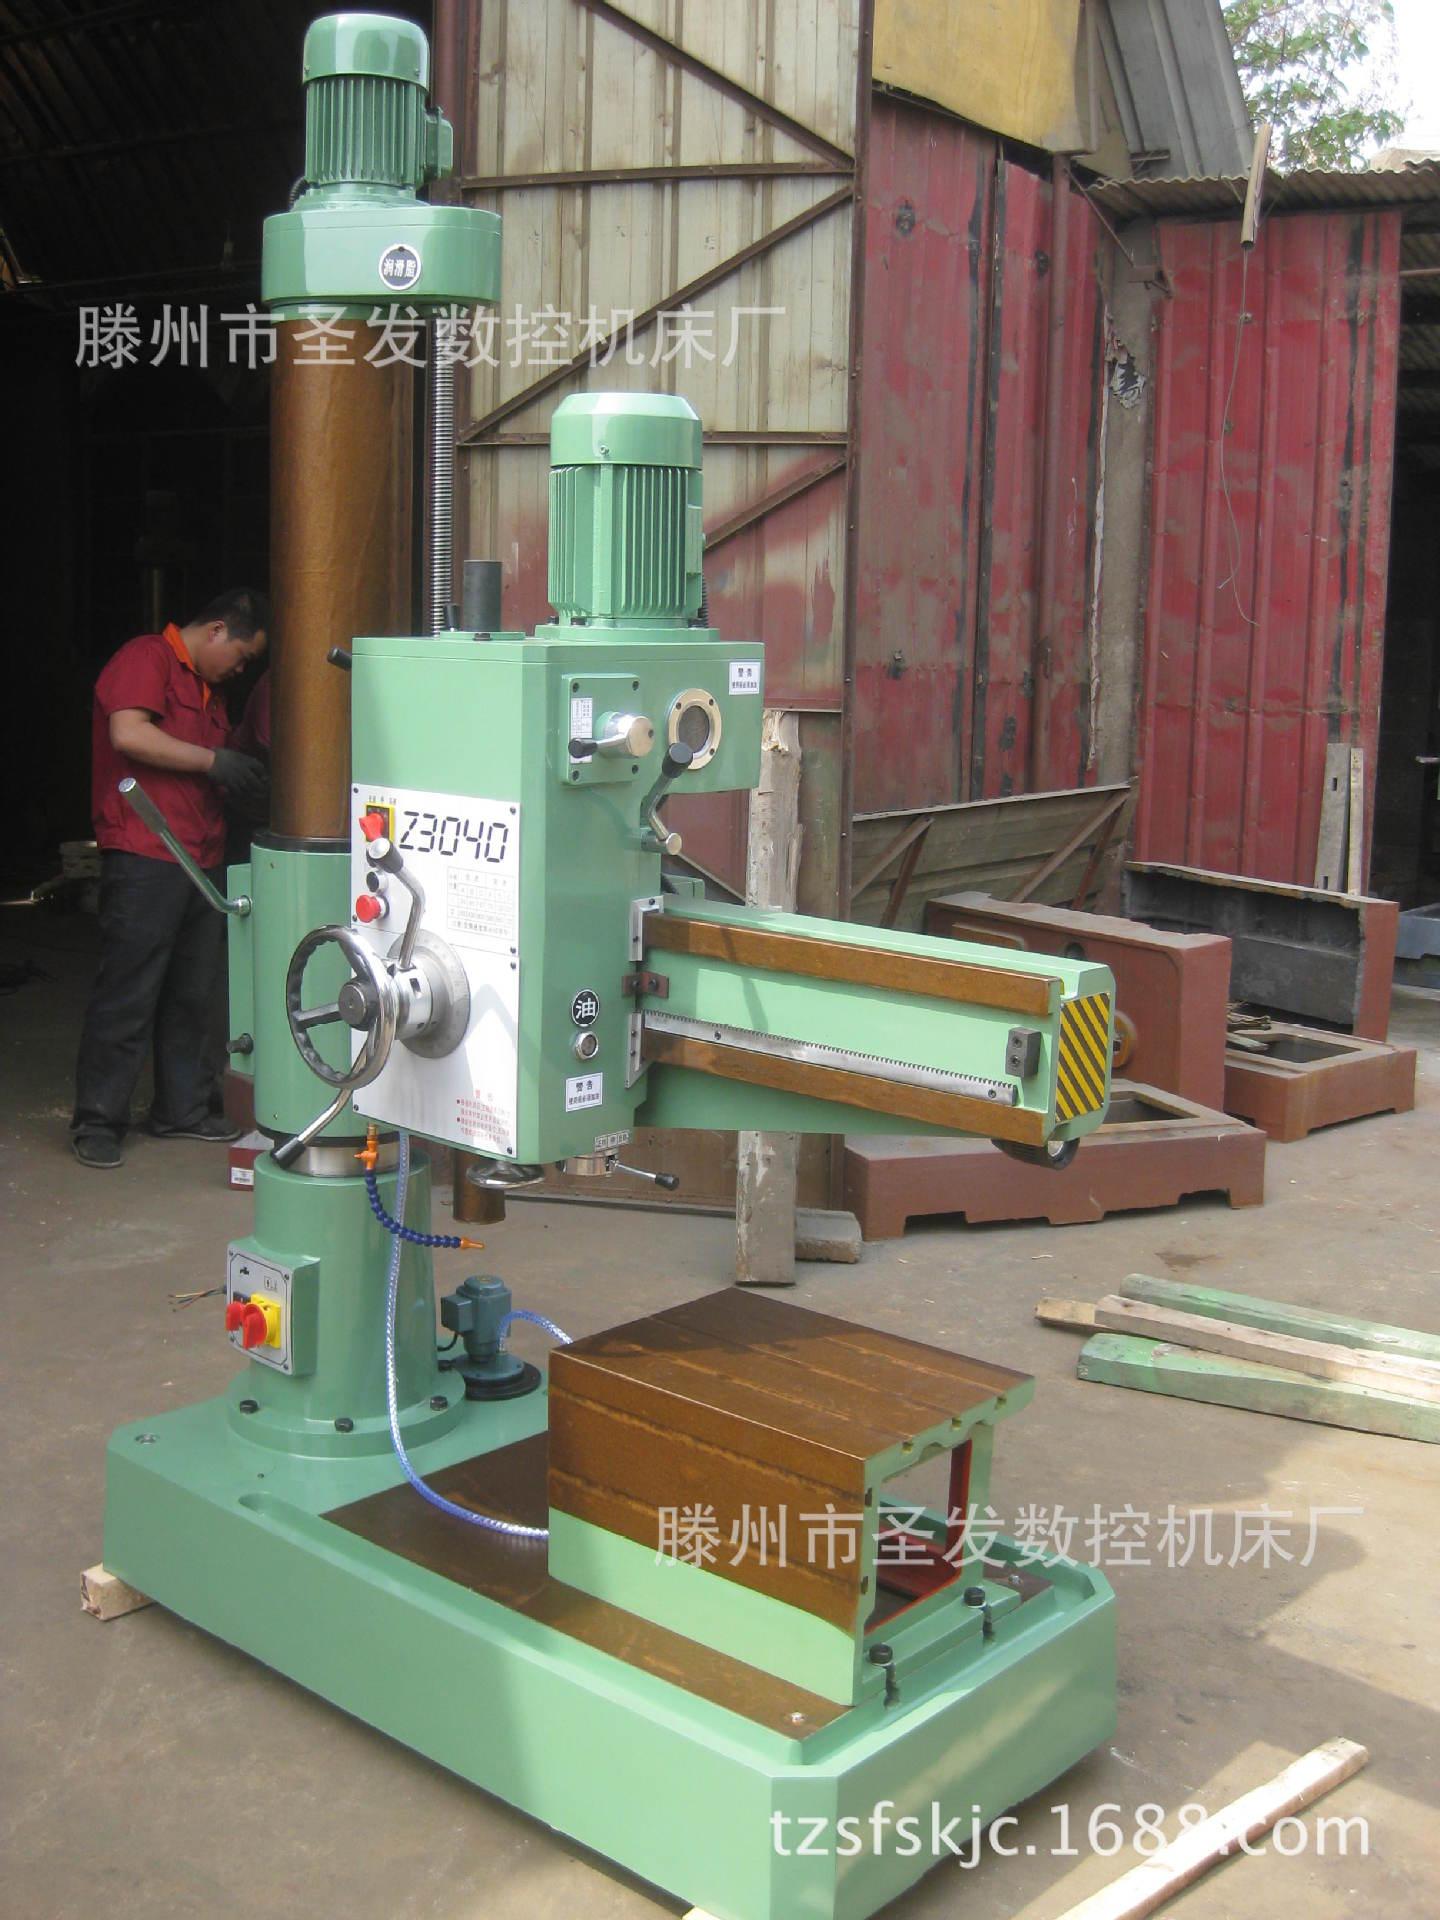 国有单位重型机械摇臂钻床Z3040可以做成液压摇臂钻床机械钻床示例图2